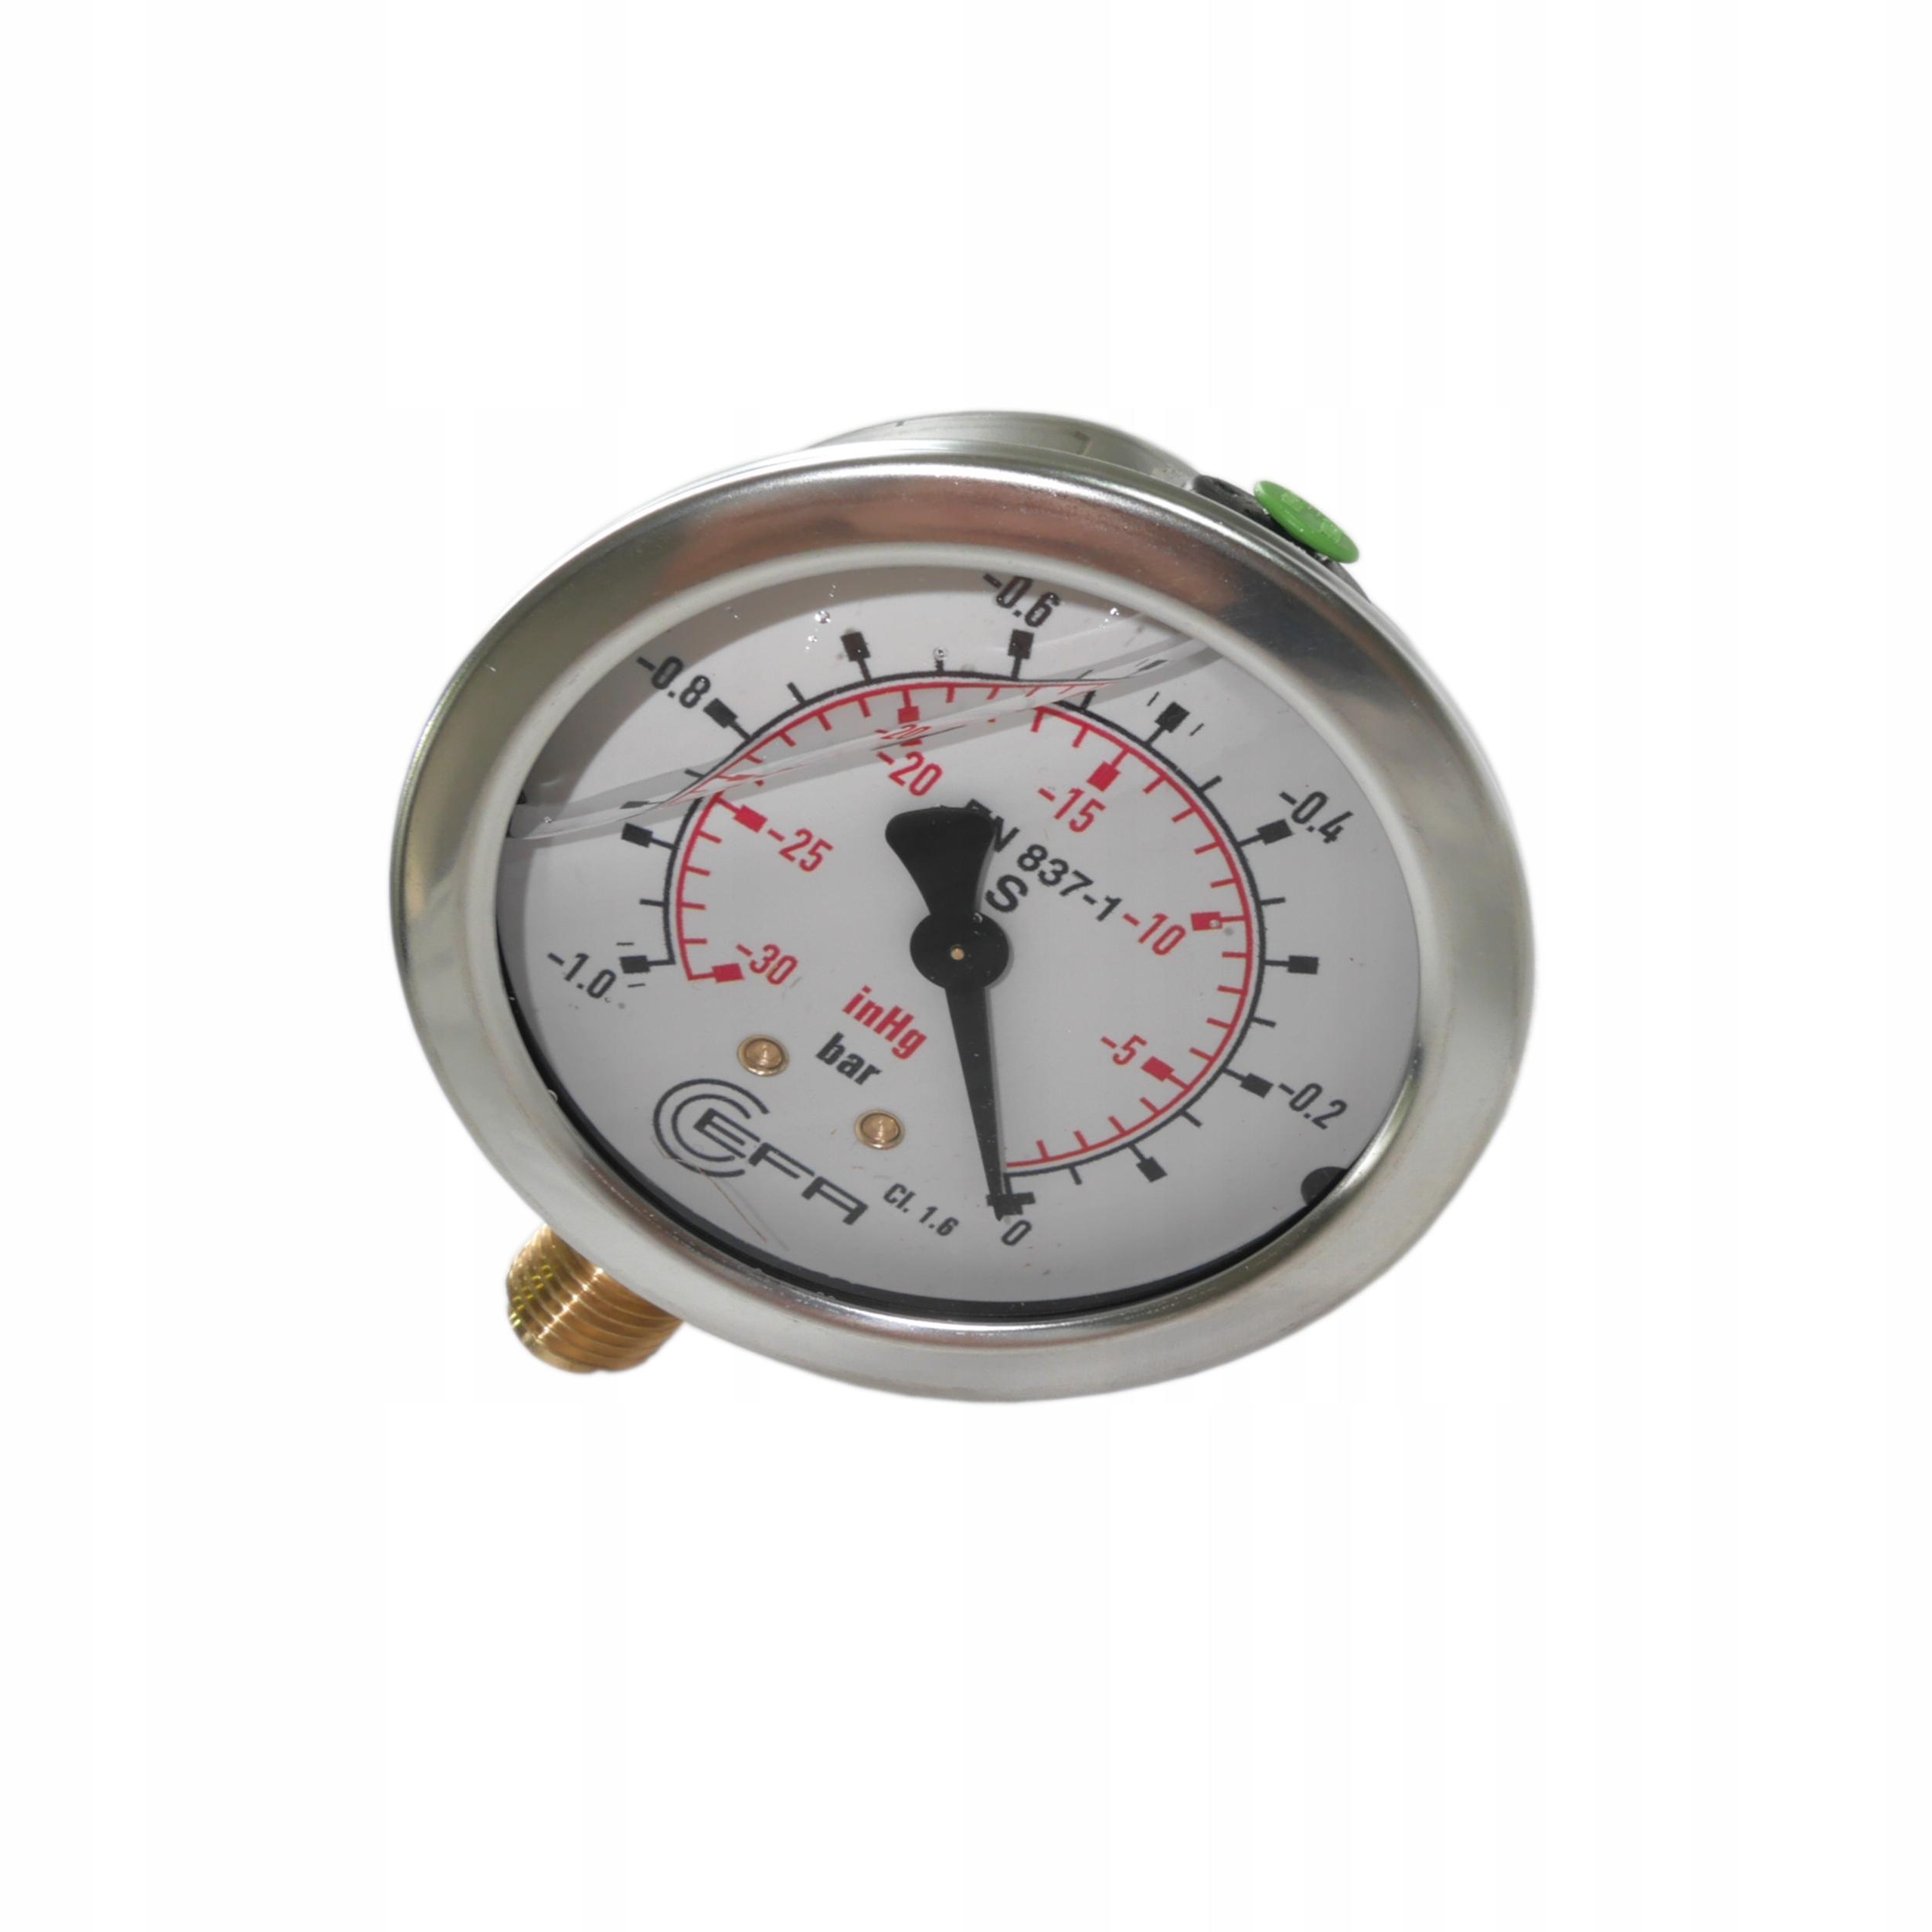 Vaculamometer glycerínový vysielač 0 - (-1)